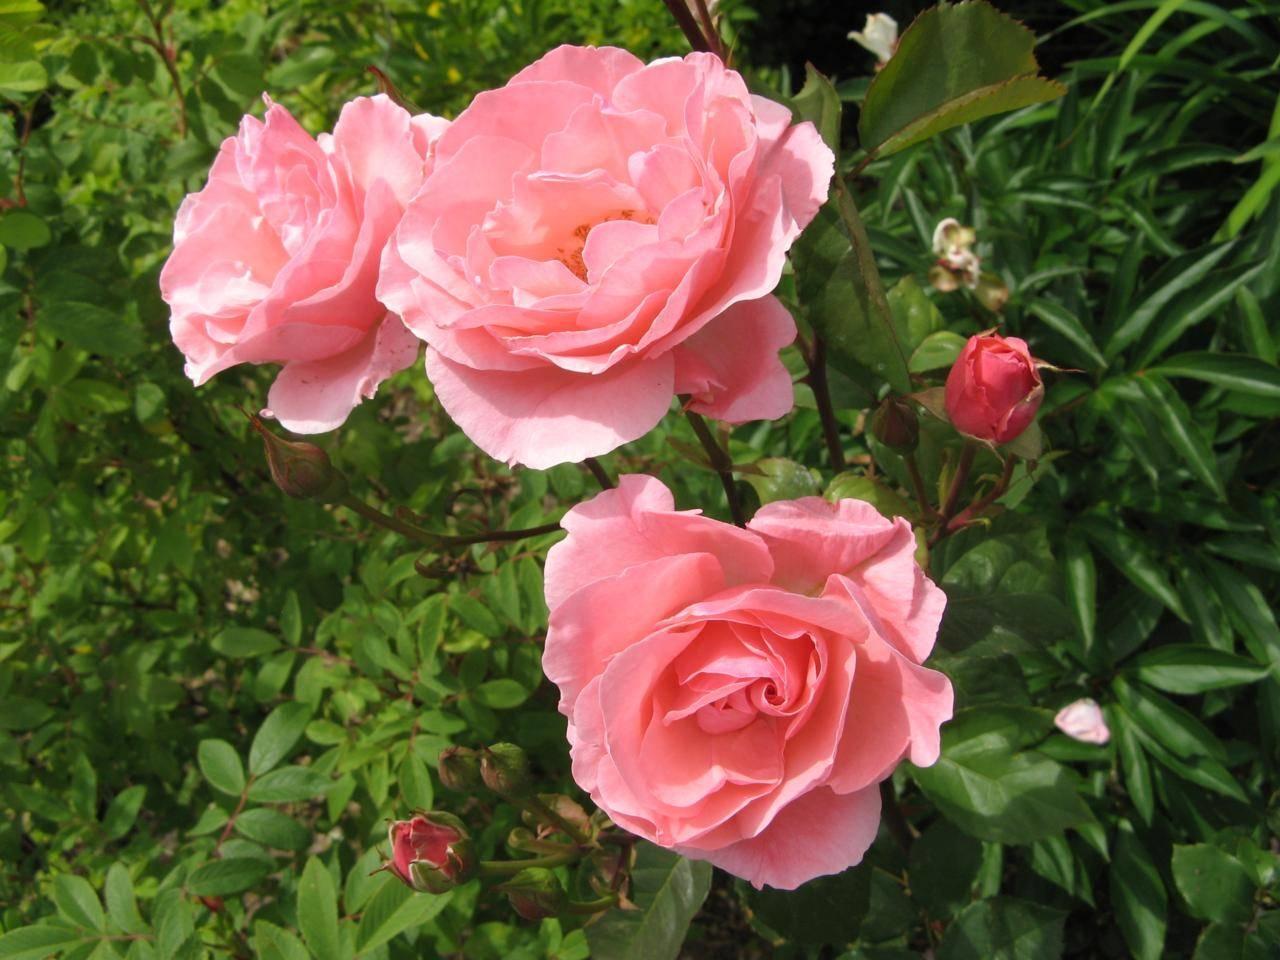 la coltivazione delle rose fare giardinaggio consigli. Black Bedroom Furniture Sets. Home Design Ideas